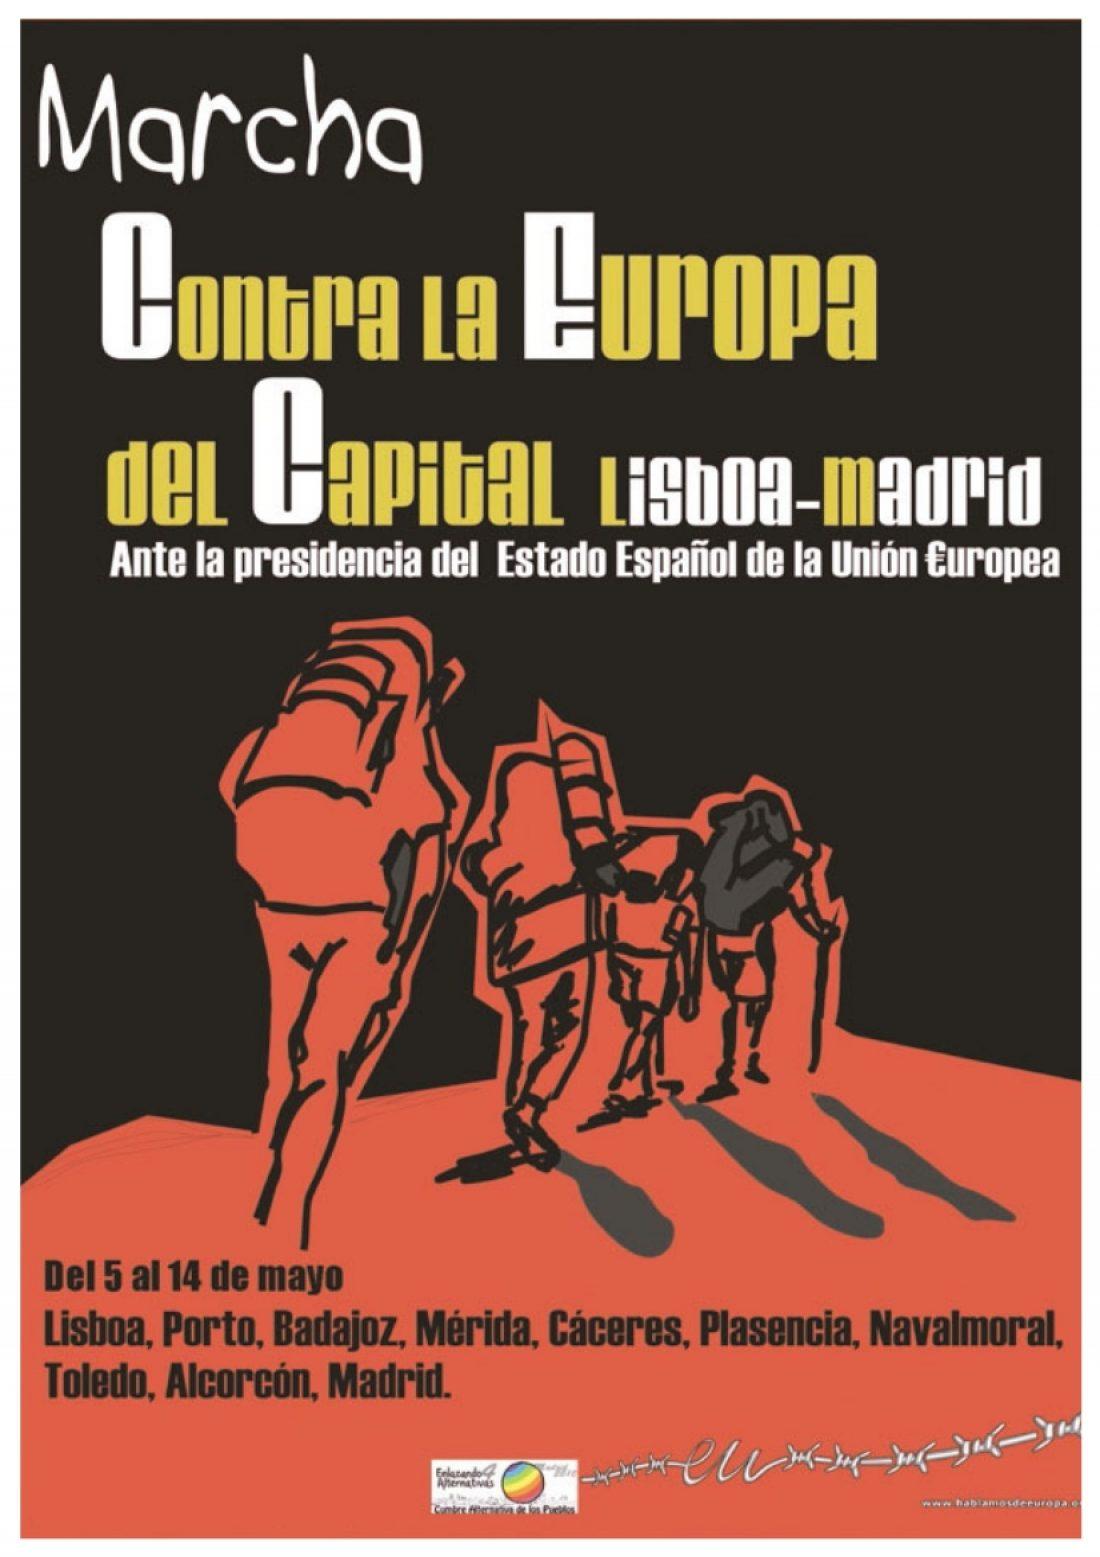 Crónicas de la Marcha Lisboa-Madrid a su paso por Mérida, Cáceres, Plasencia y Navalmoral